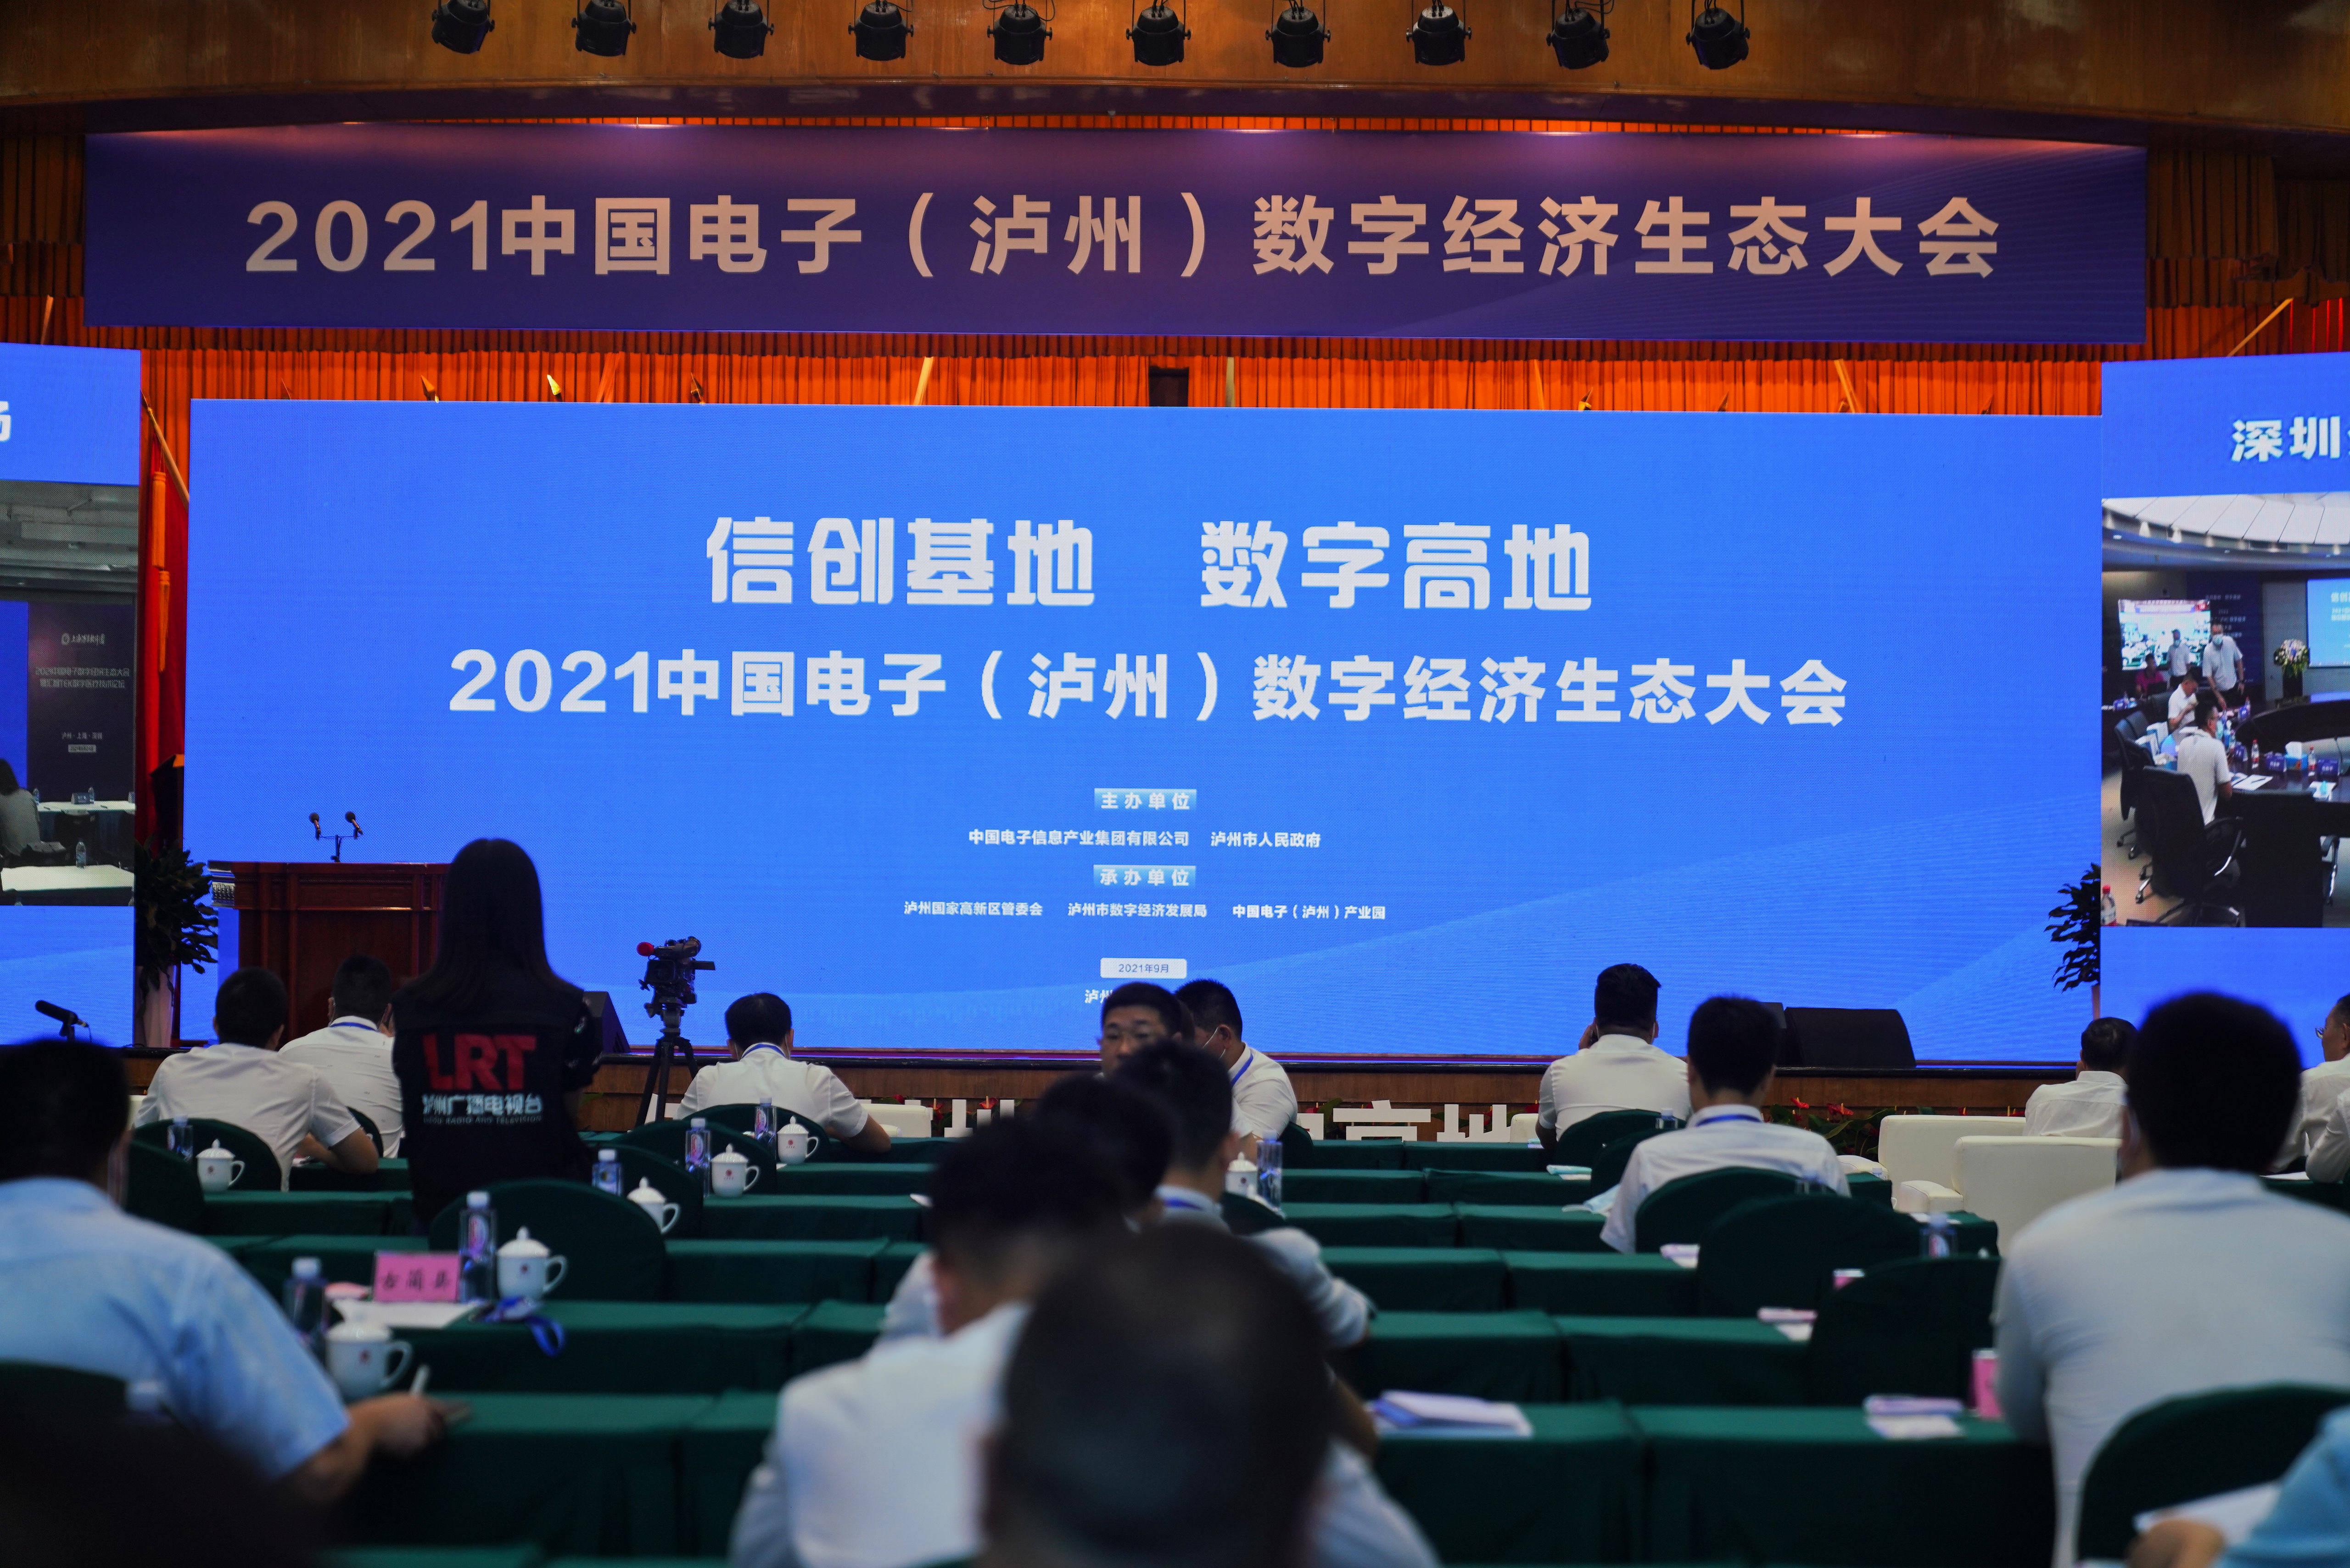 快手等11家企业签约入驻,泸州将打造国家网信产业基地!